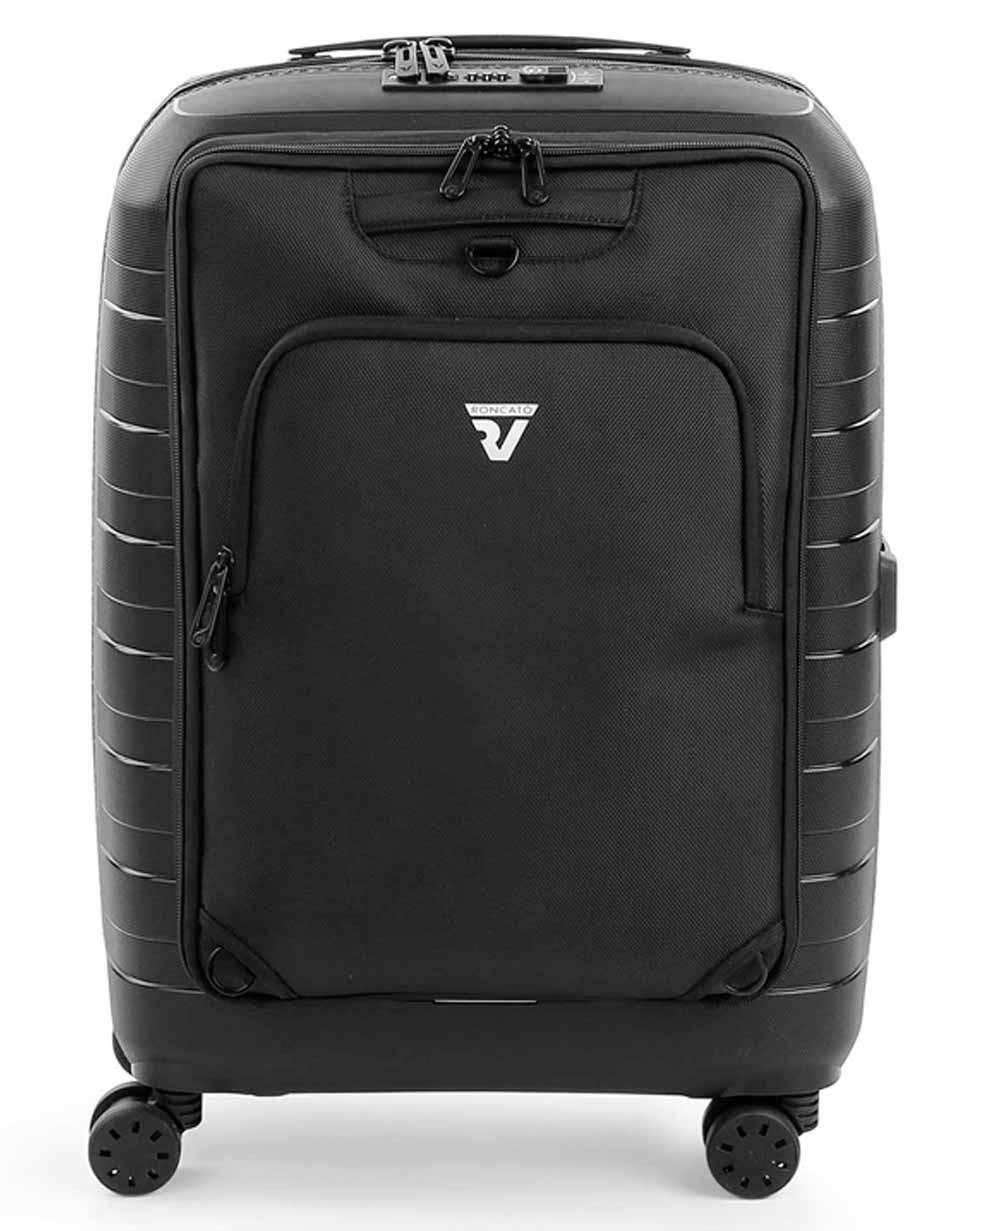 Roncato D-Box Maleta de Mano con mochila Negra (Foto )